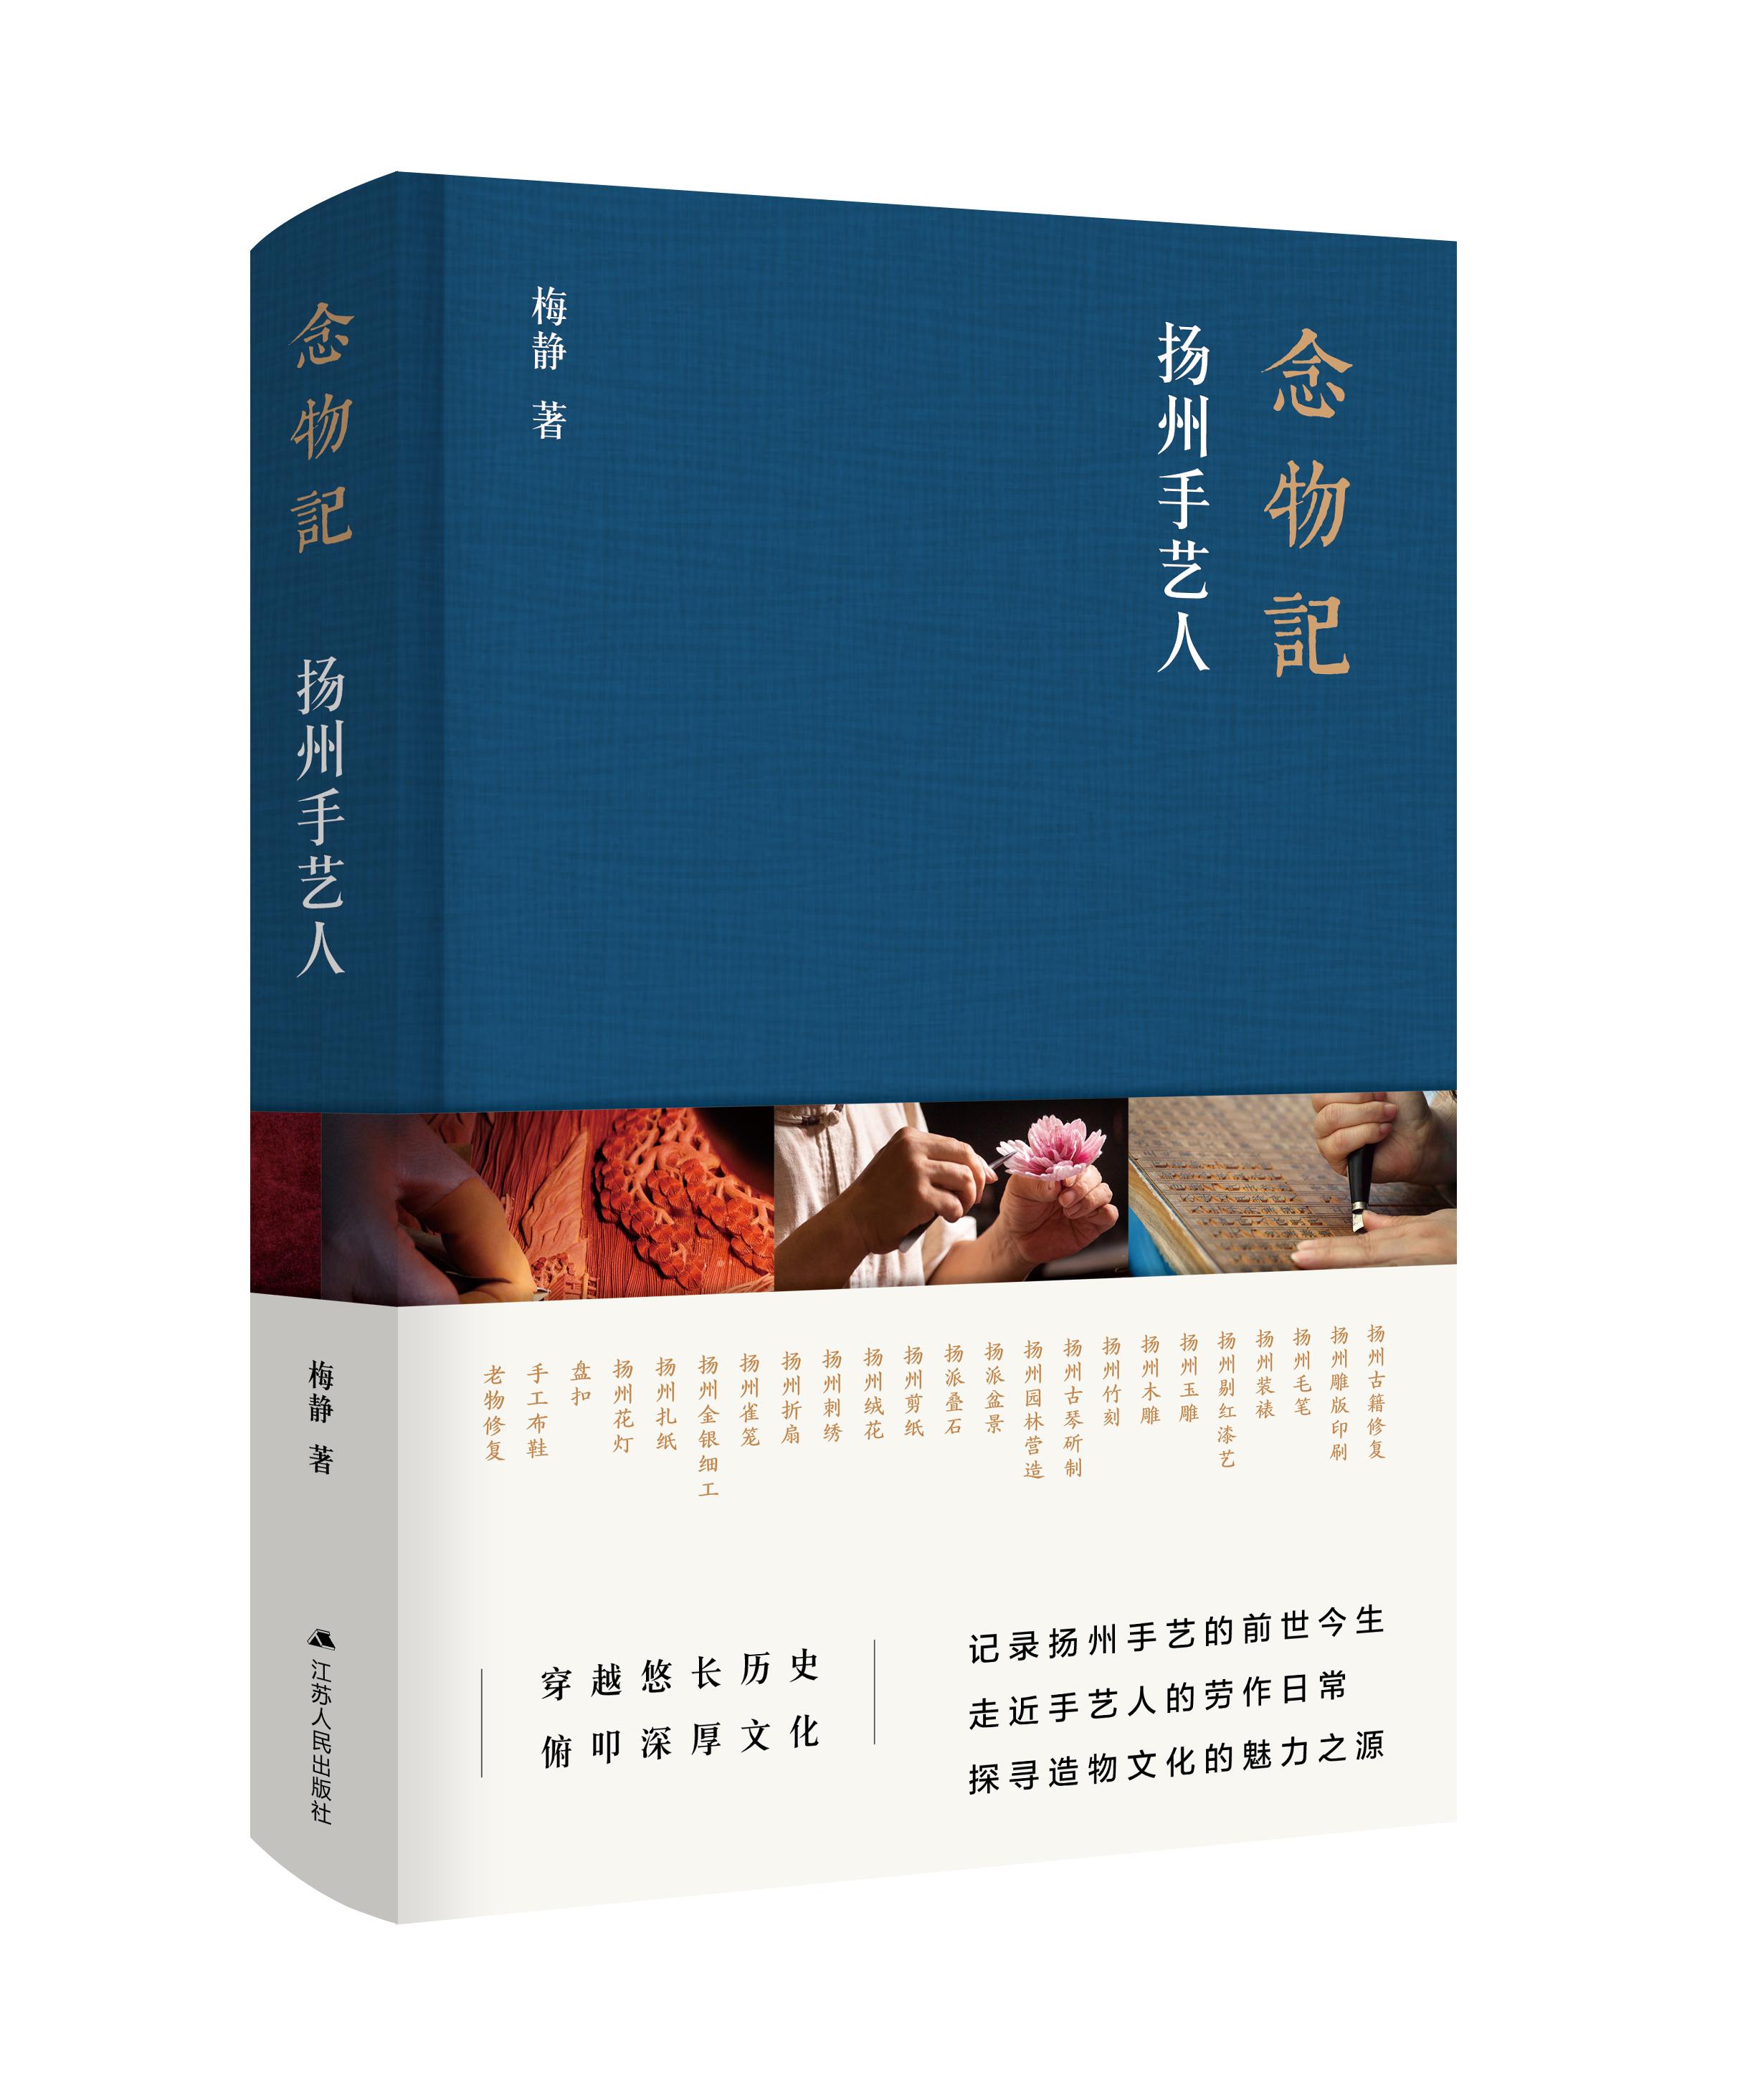 《念物記——揚州手藝人》(報告文學)